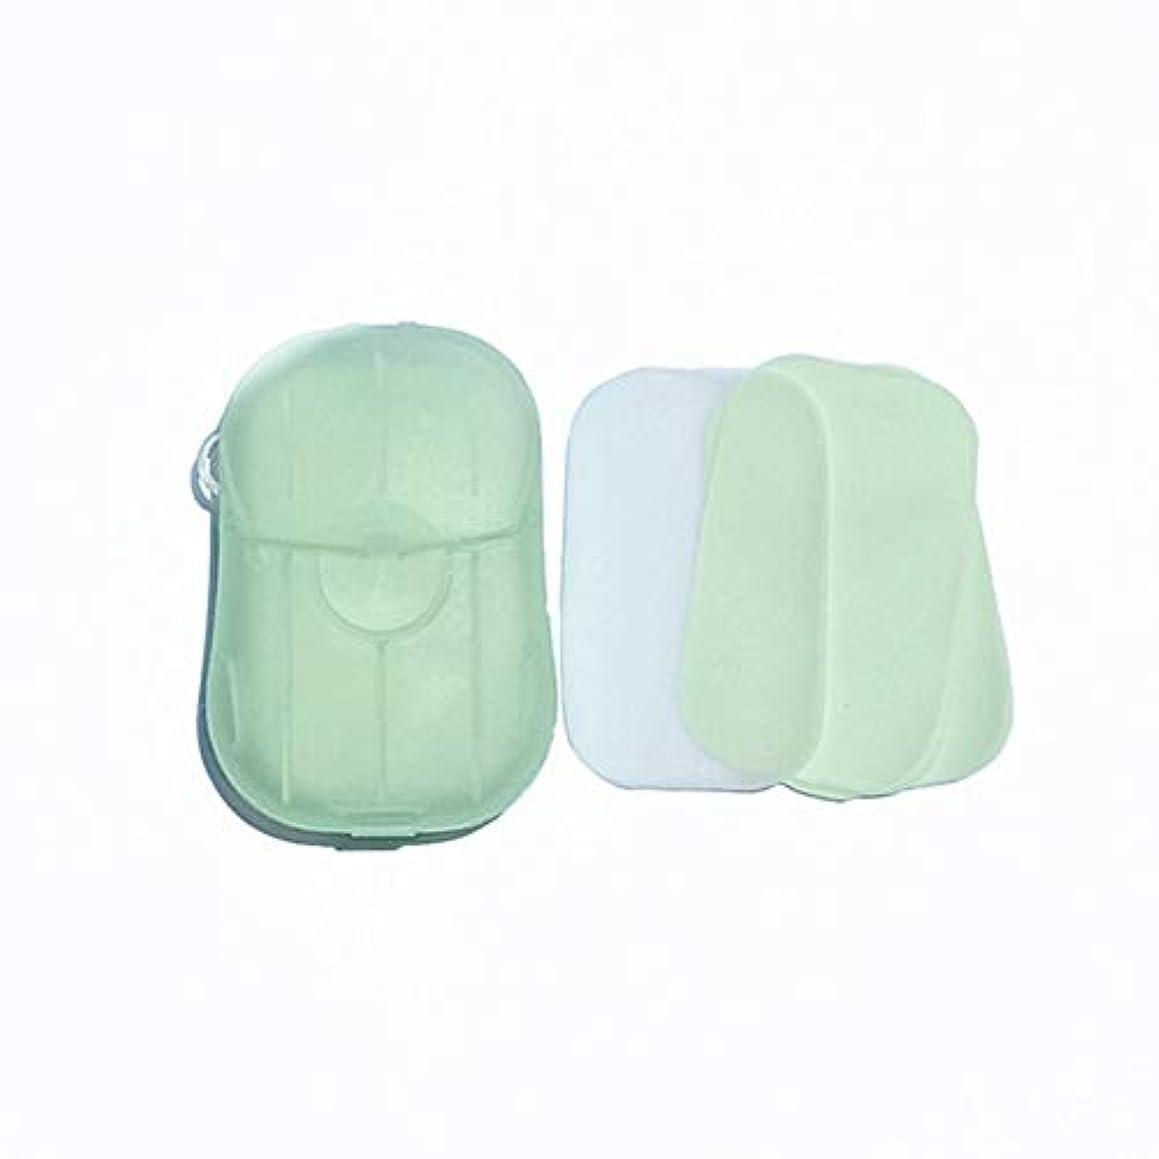 潤滑するコンパイル刈るFeglin-joy ペーパーソープ せっけん紙 除菌 石鹸 手洗い お風呂 旅行携帯用 紙せっけん かみせっけん 香り 20枚入 ケース付き(よもぎ)